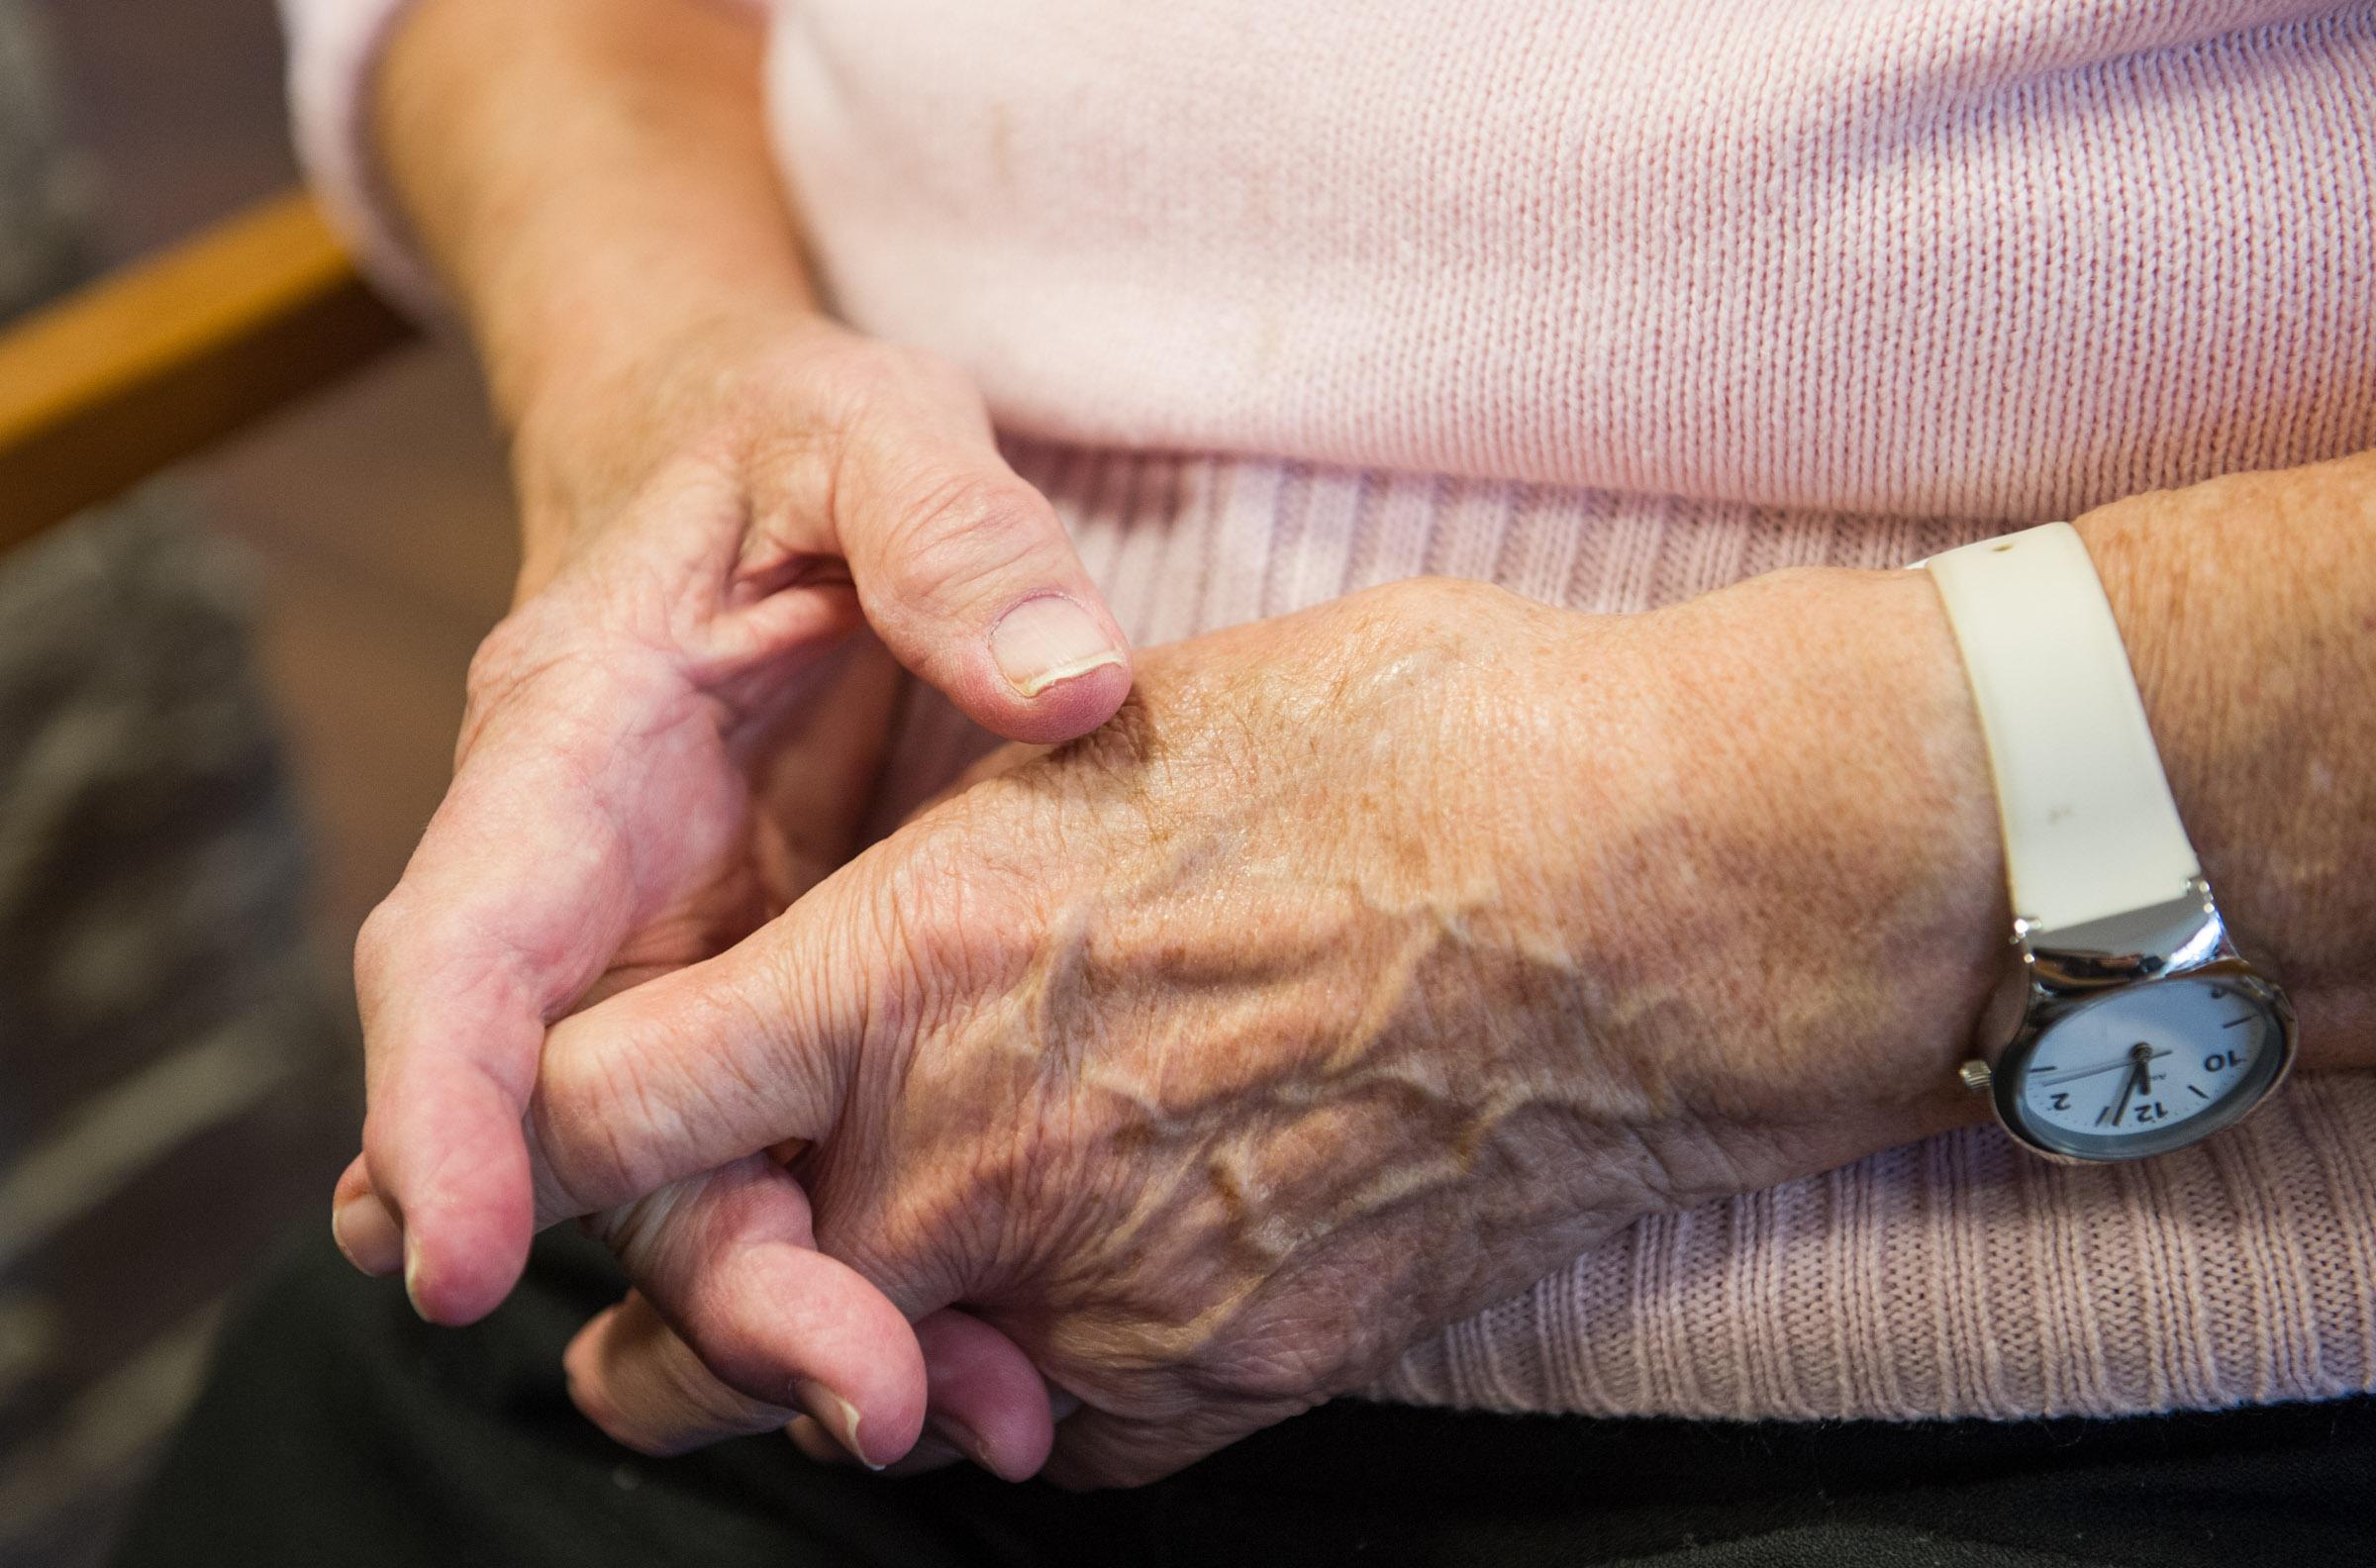 Nagyjából minden tizedik-tizenötödik hatvan év feletti embert érinti a betegség